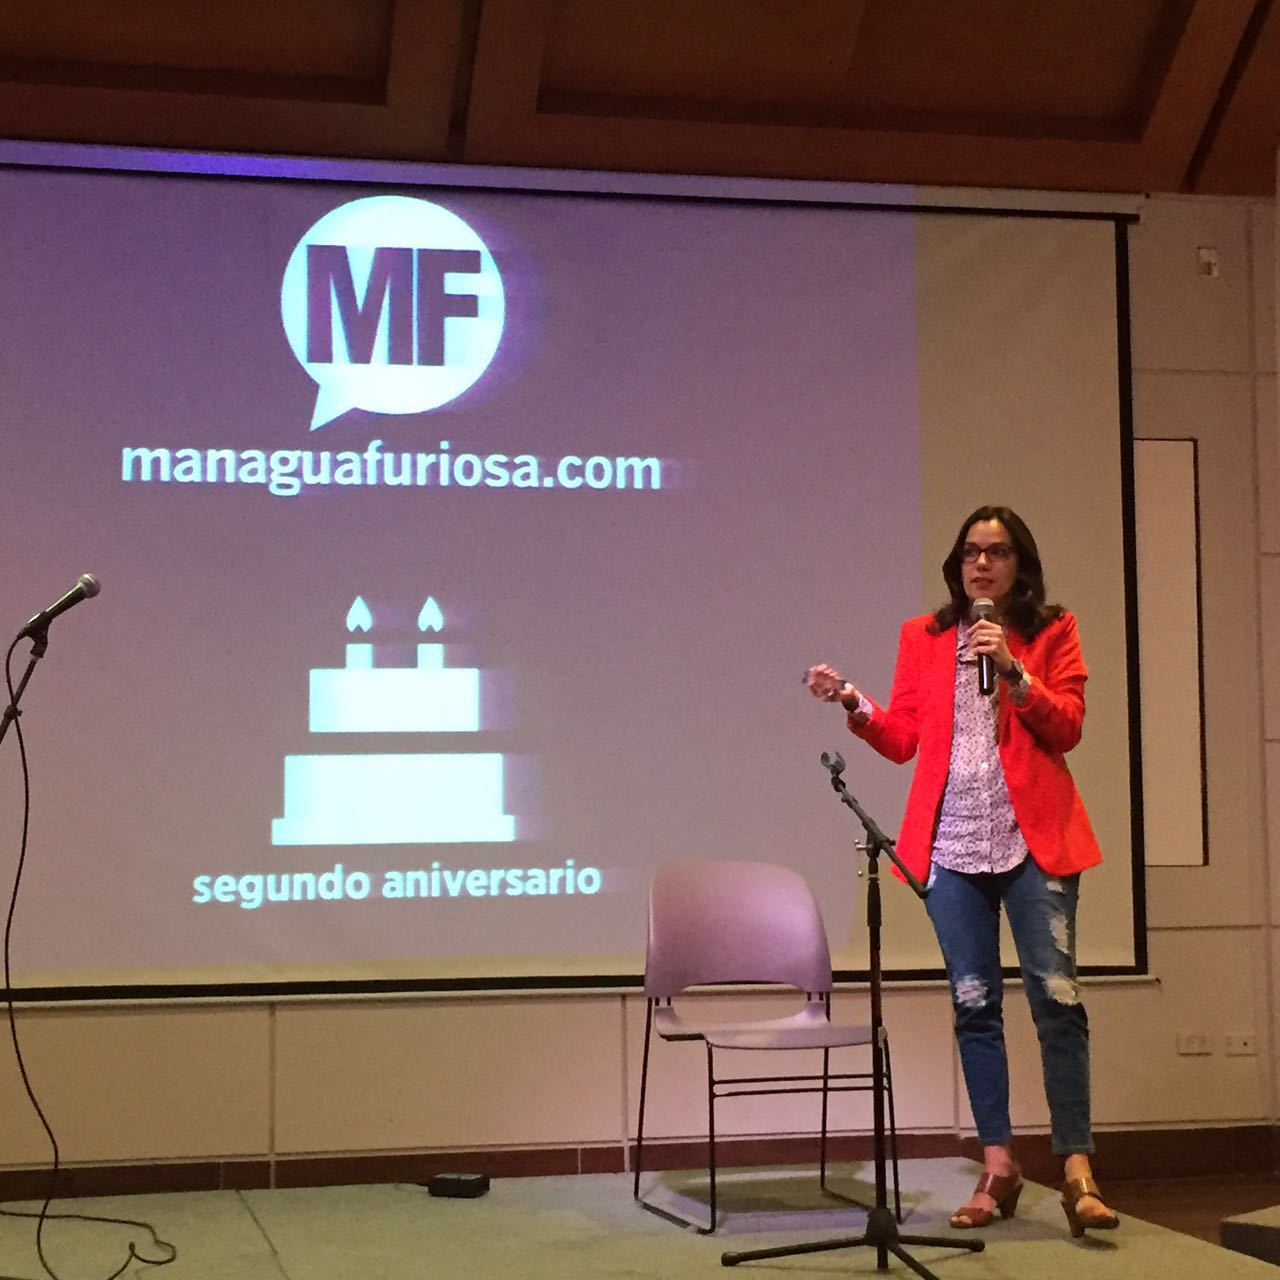 En el aniversario de Managua Furiosa, durante la charla de Emprendimiento y Creatividad.